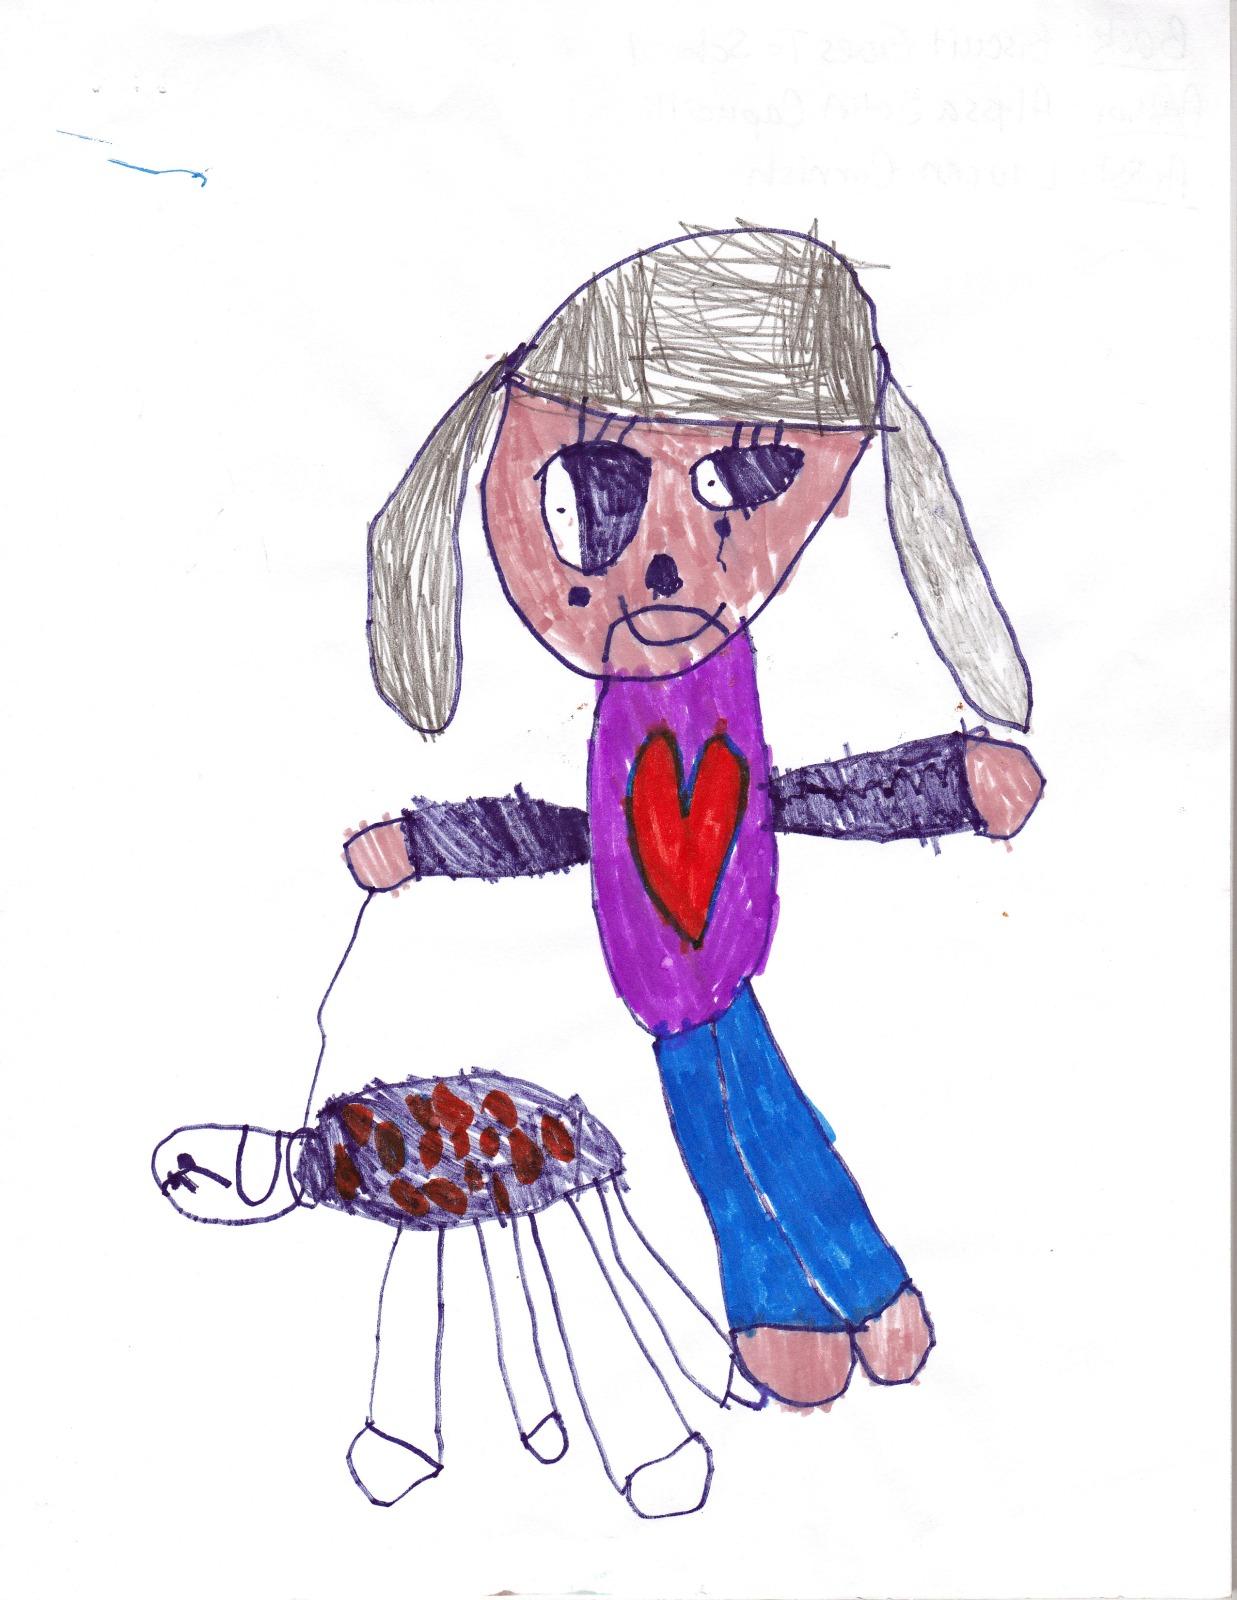 Biscuit Goes To School, artwork by Lauren Cornish